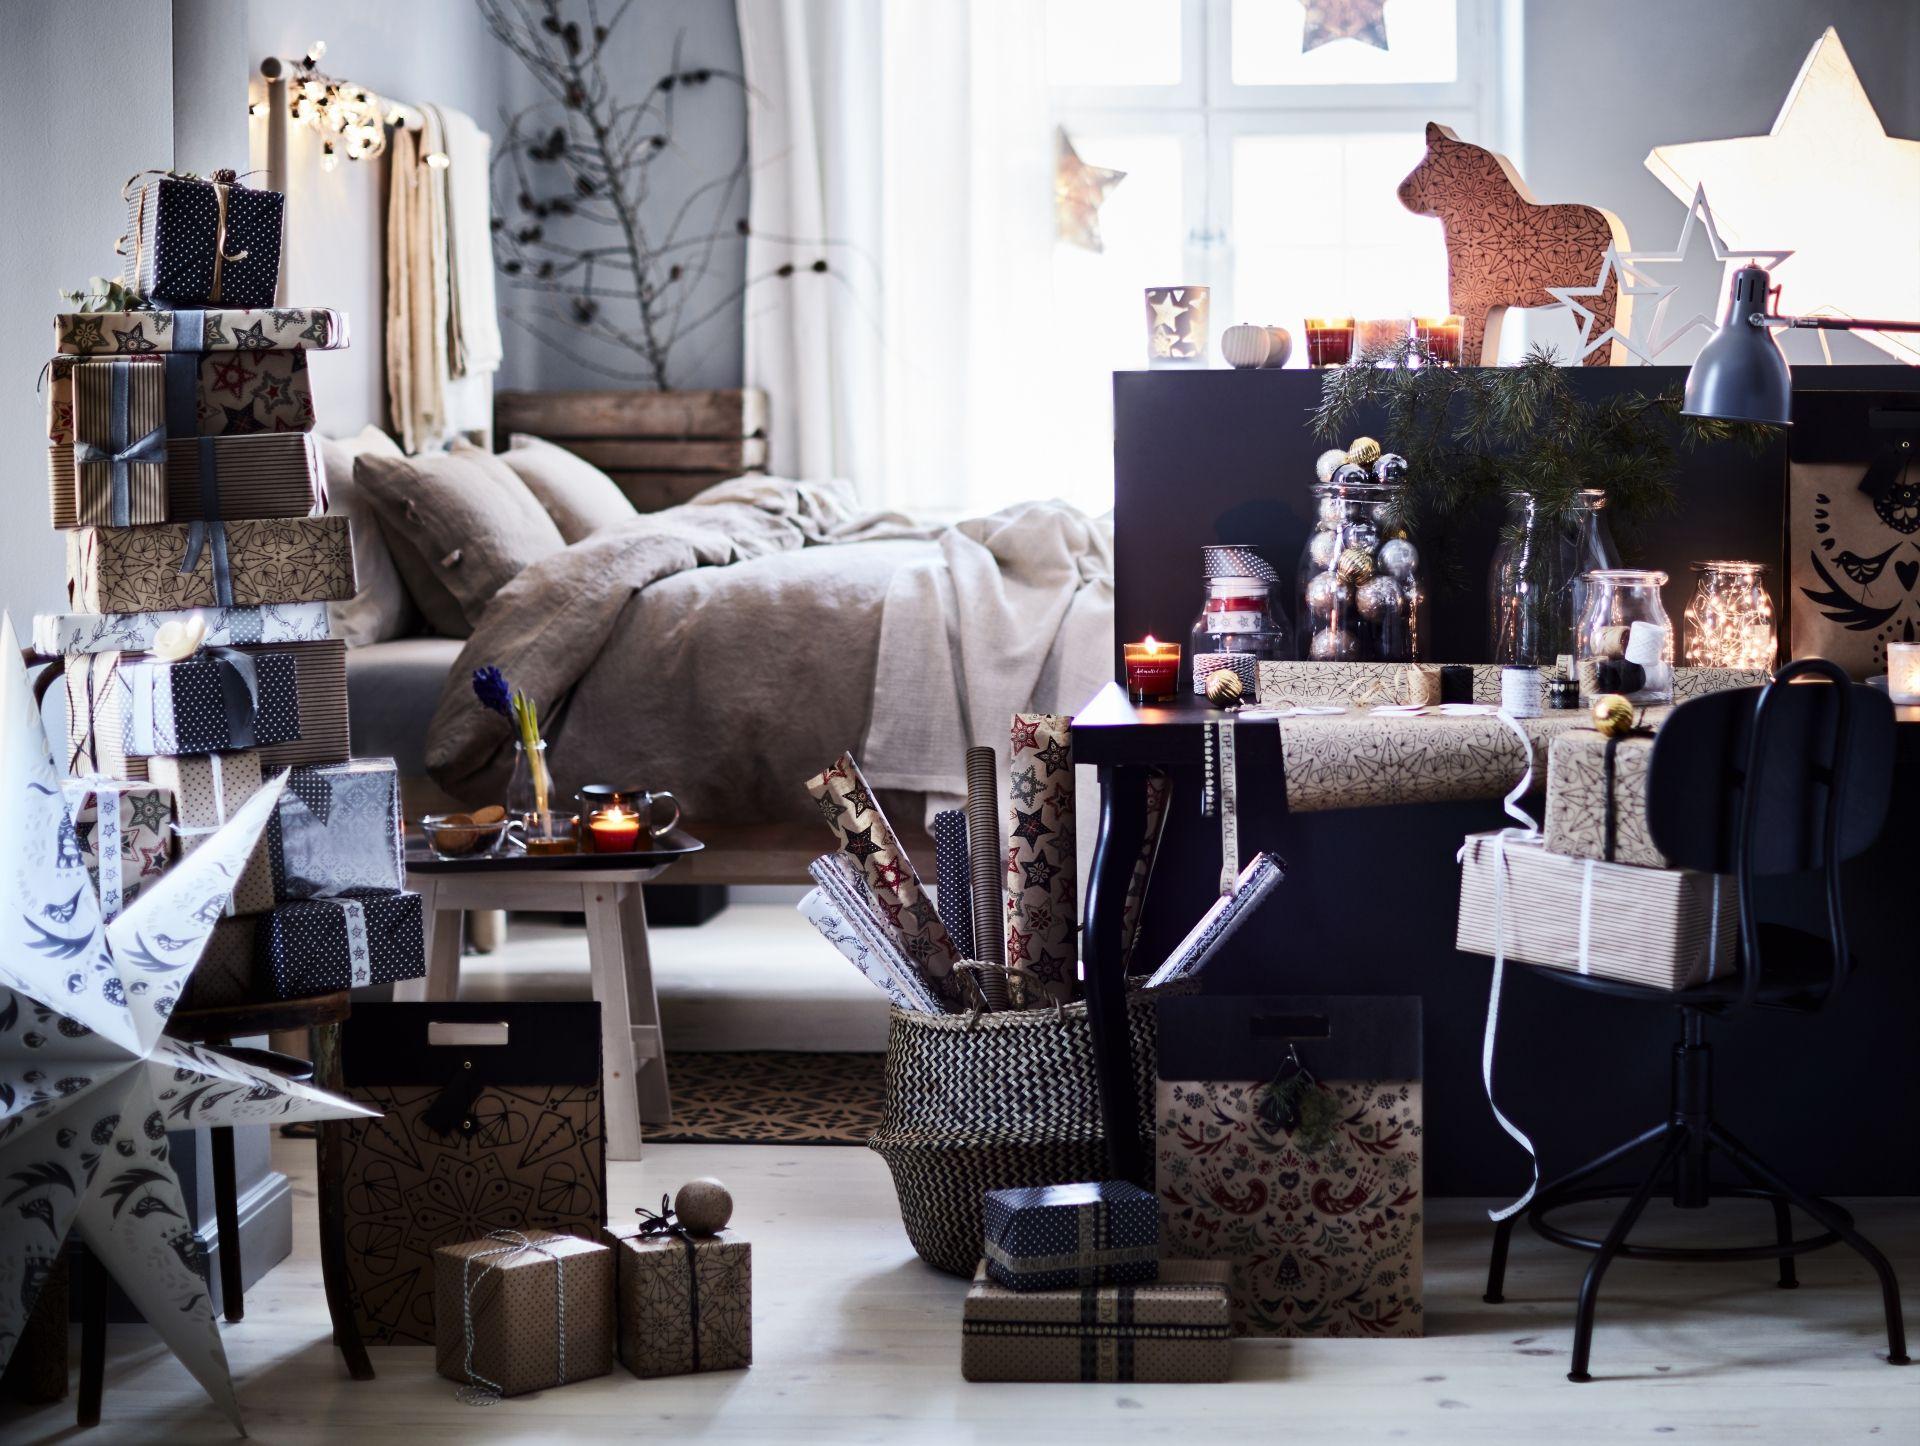 vinter 2016 cadeauverpakking ikea ikeanl kerst zwart wit goud knutselen diy eten hout decoratie recepten